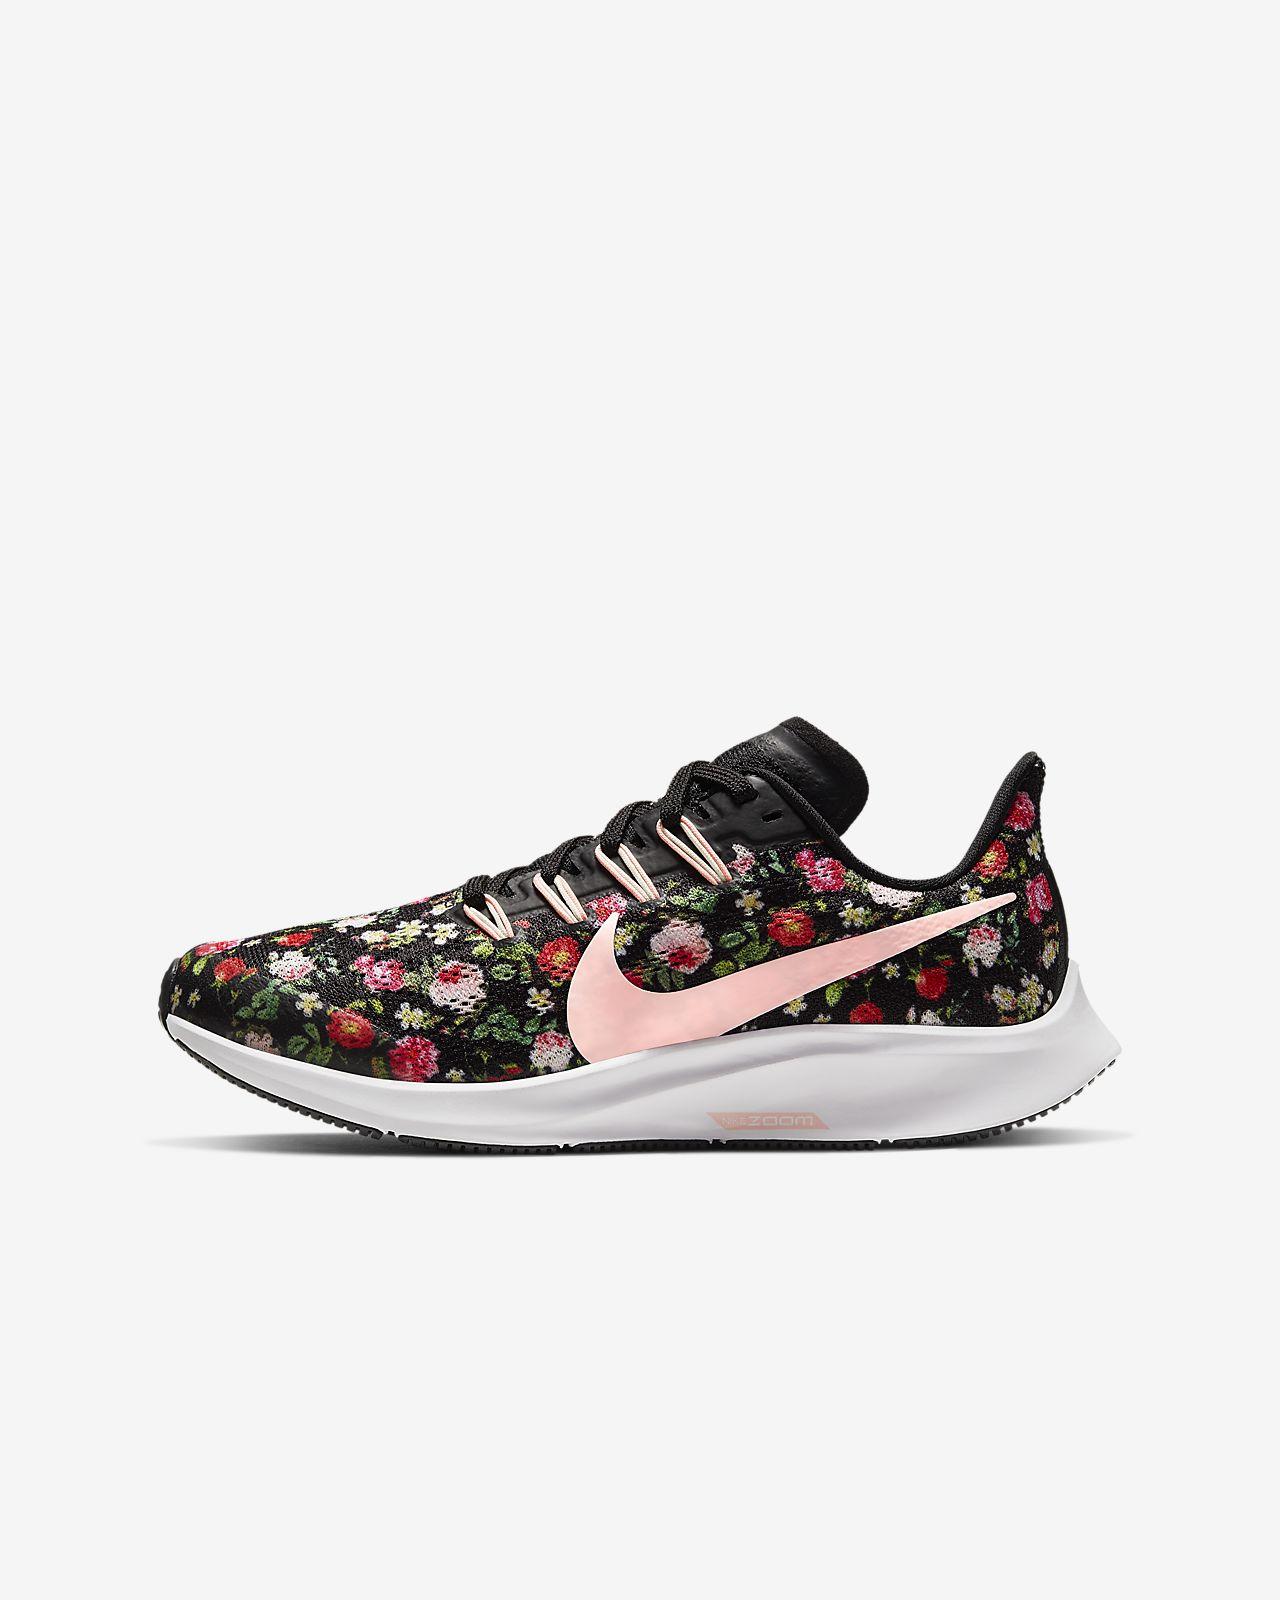 Nike Air Zoom Pegasus Vintage Floral Schoen voor kleuters/kids